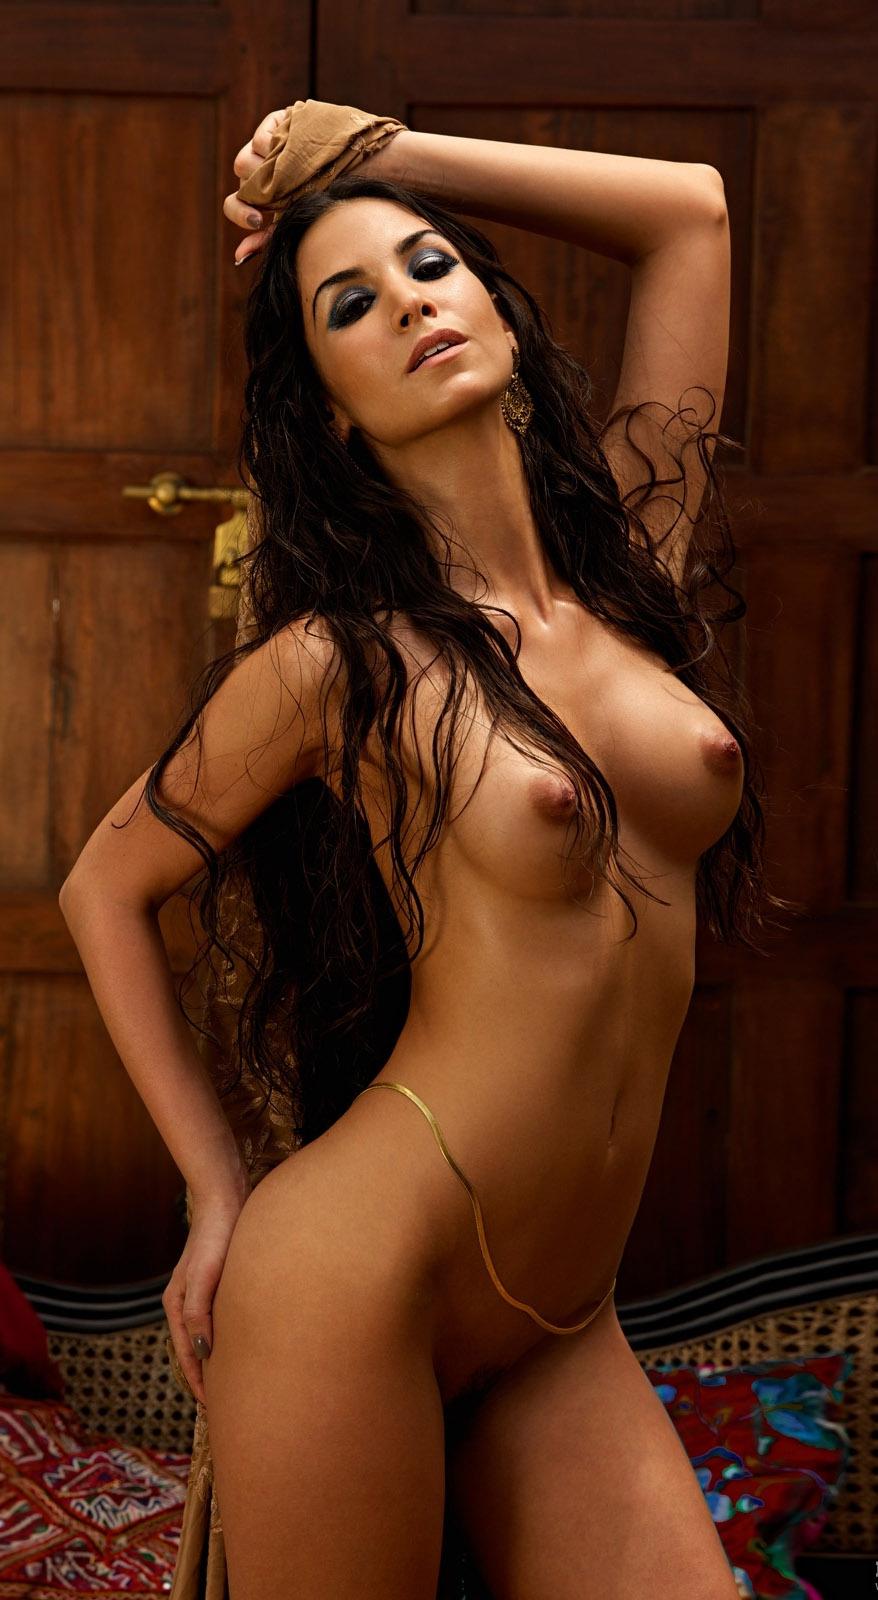 Сыла Шахин голая. Фото - 22